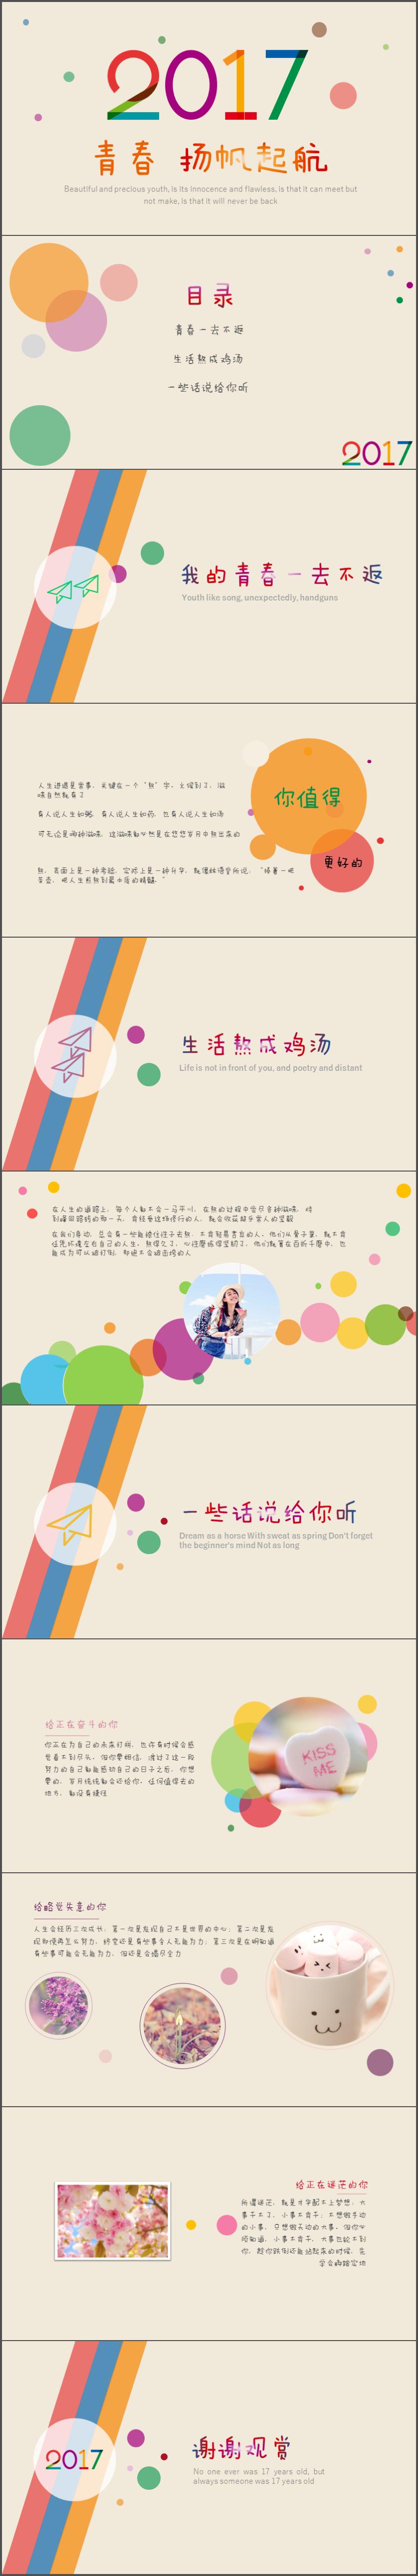 2017青春无限ppt模板